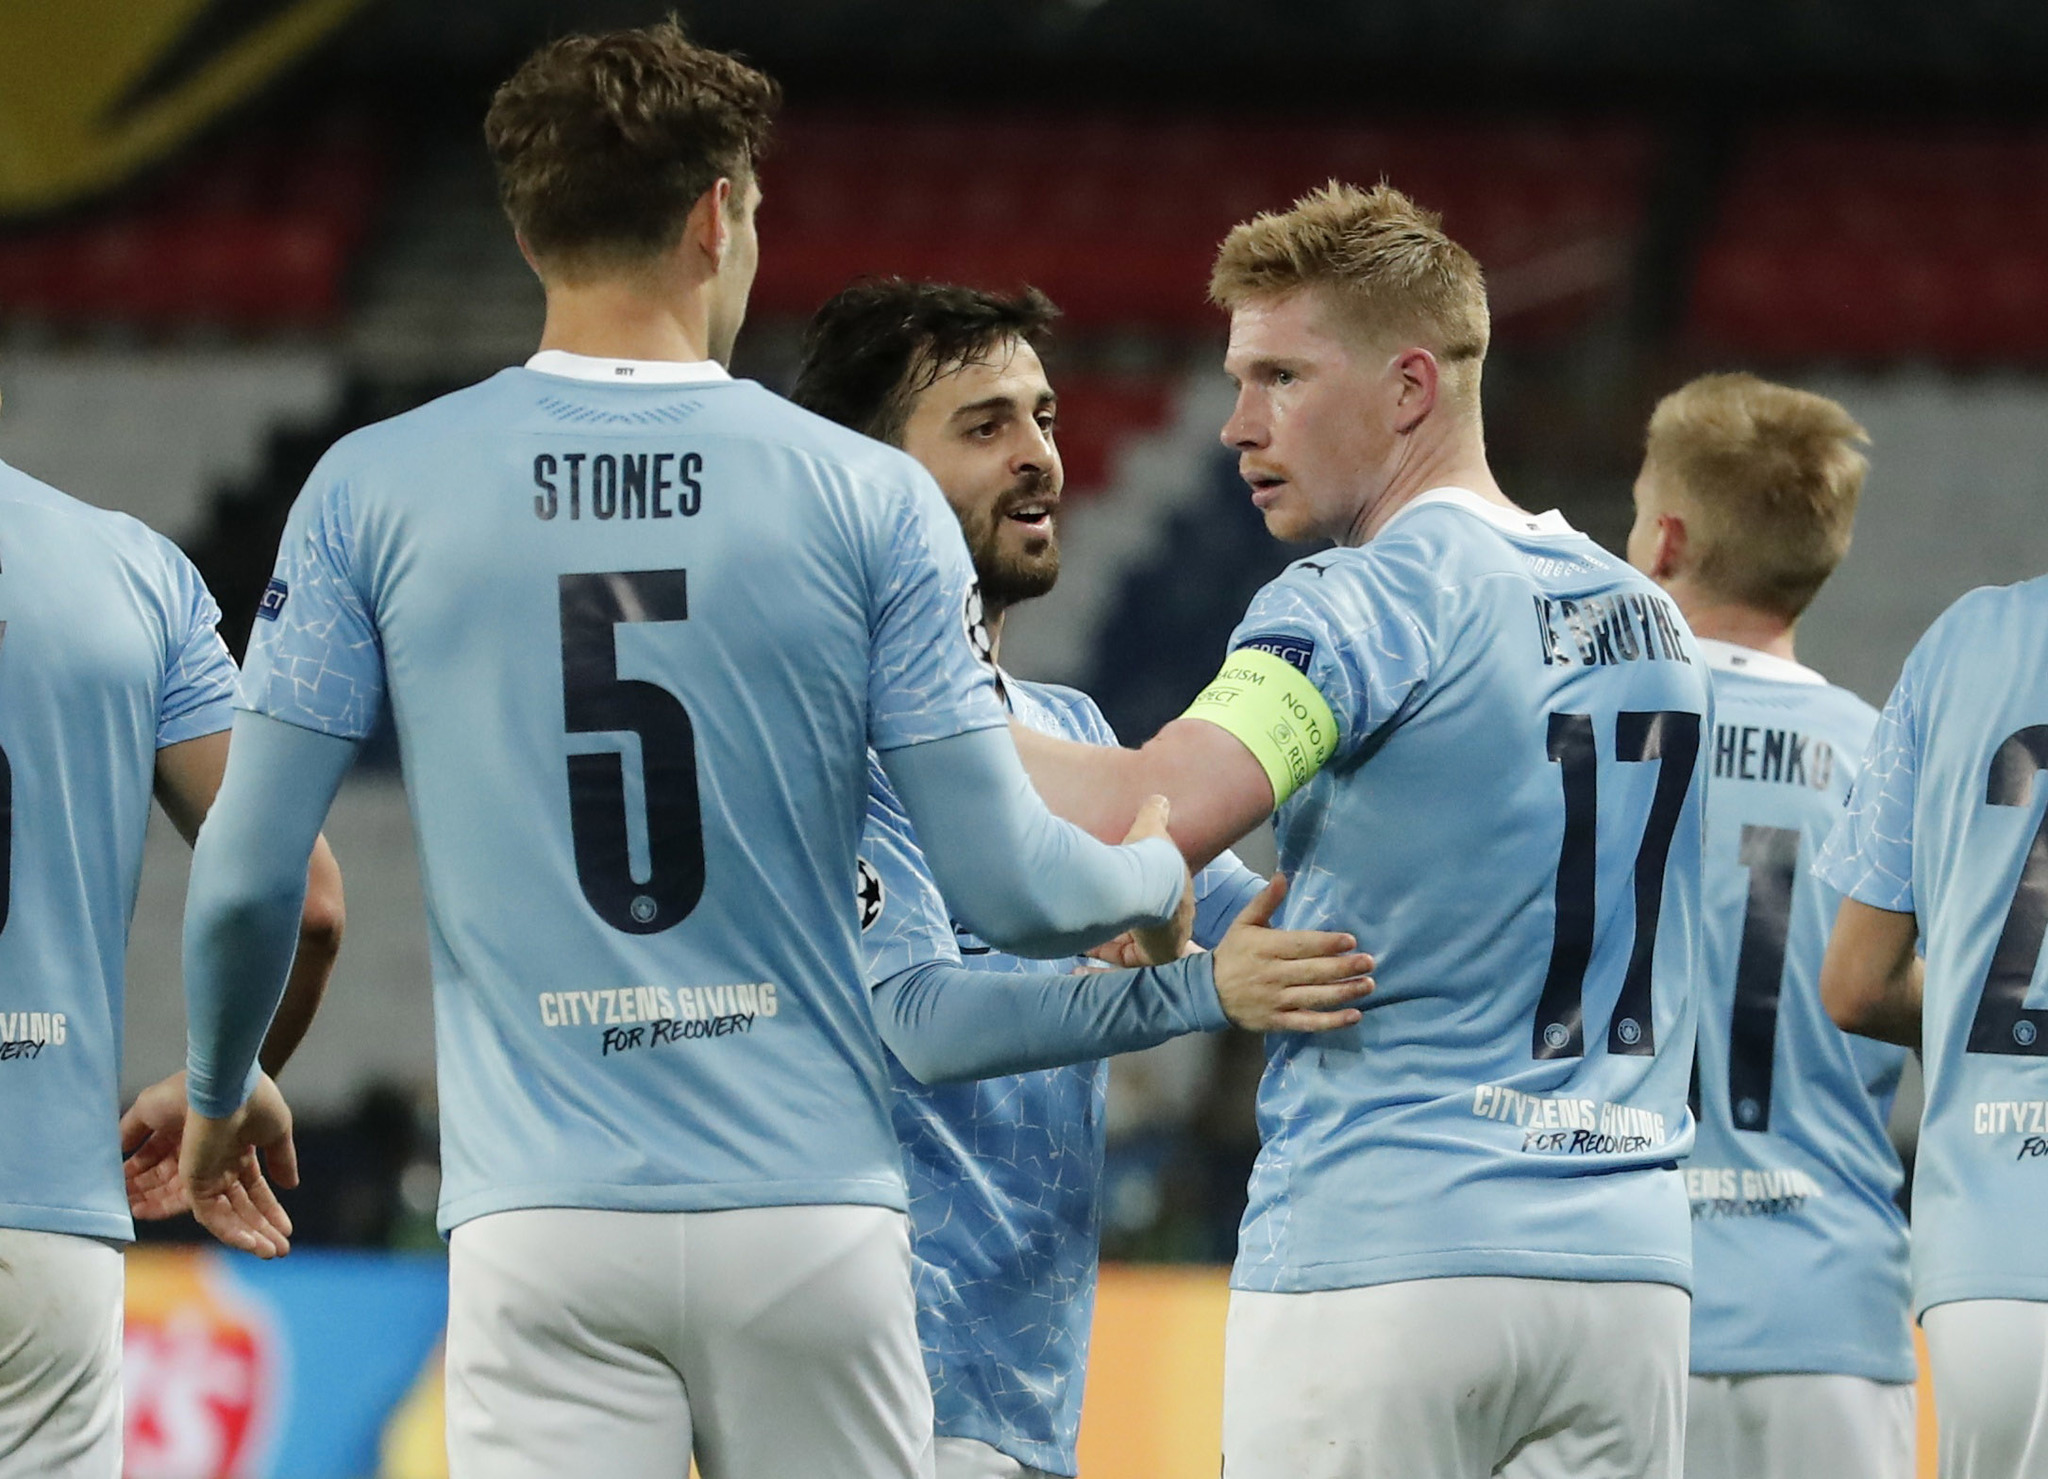 De Bruyne empata el partido